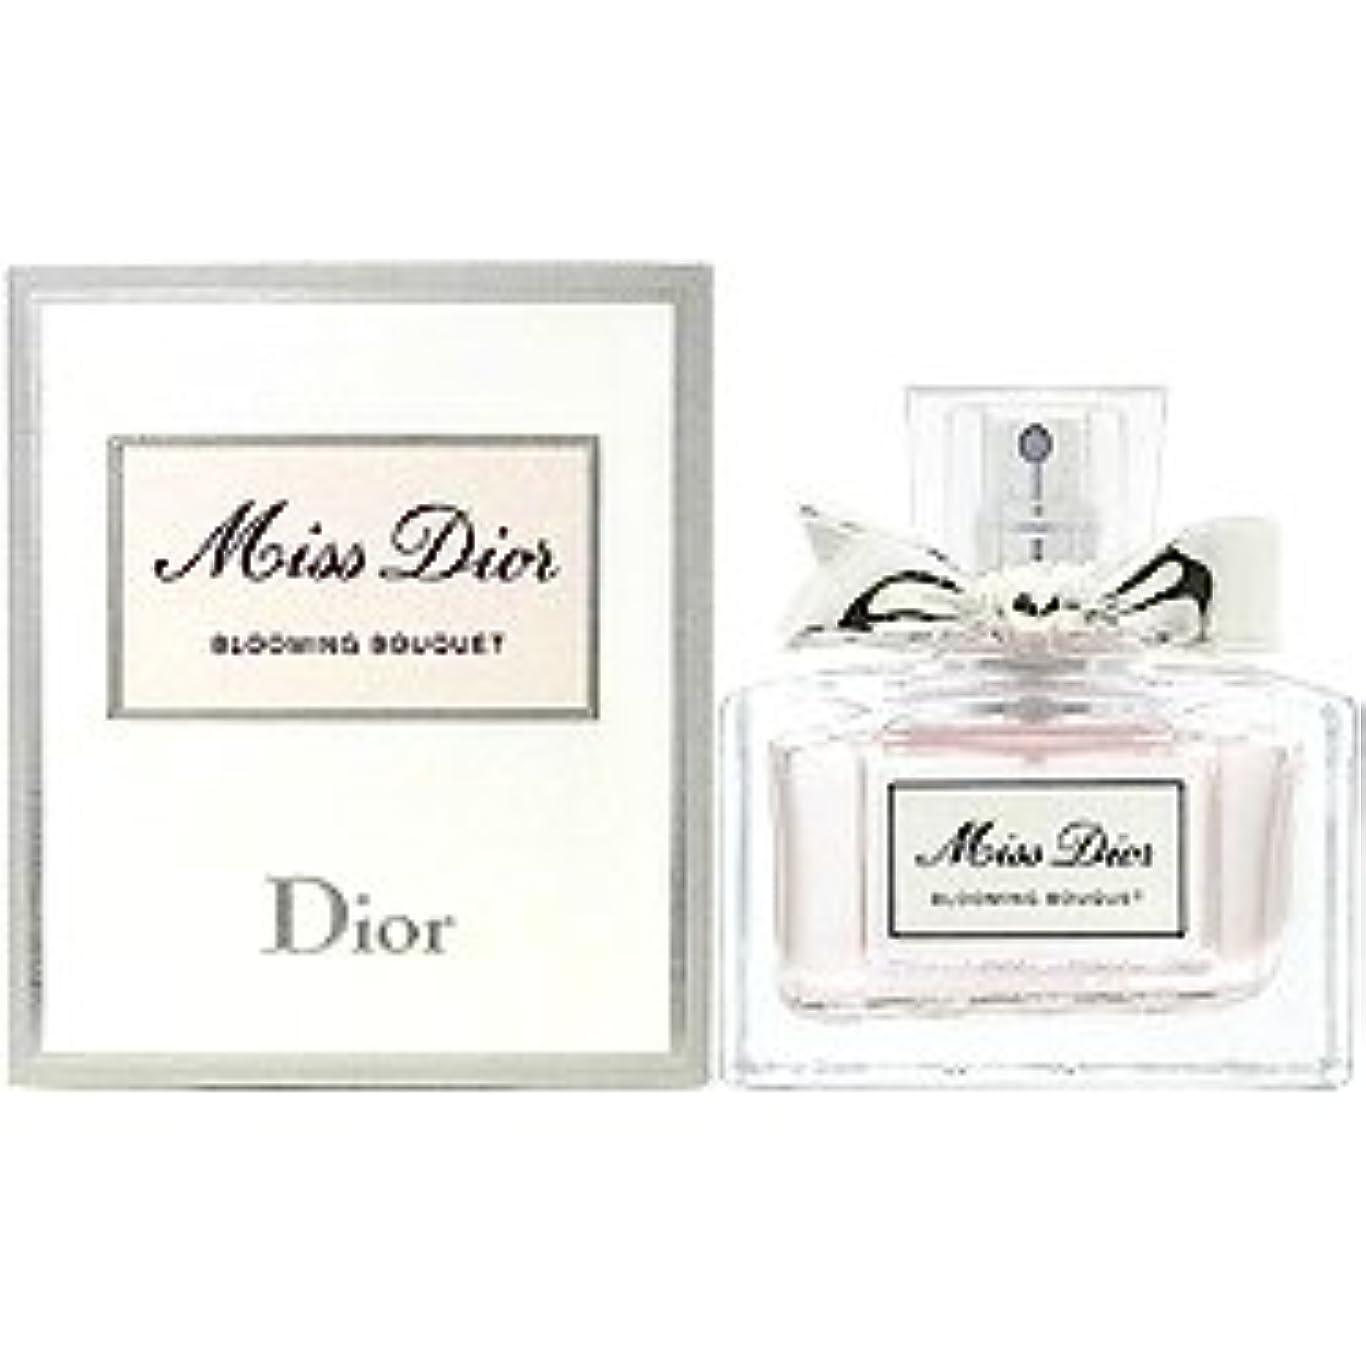 フォーム教養があるかごクリスチャンディオール ミス ディオール ブルーミングブーケ Christian Dior EDT SP 30ml [並行輸入品]